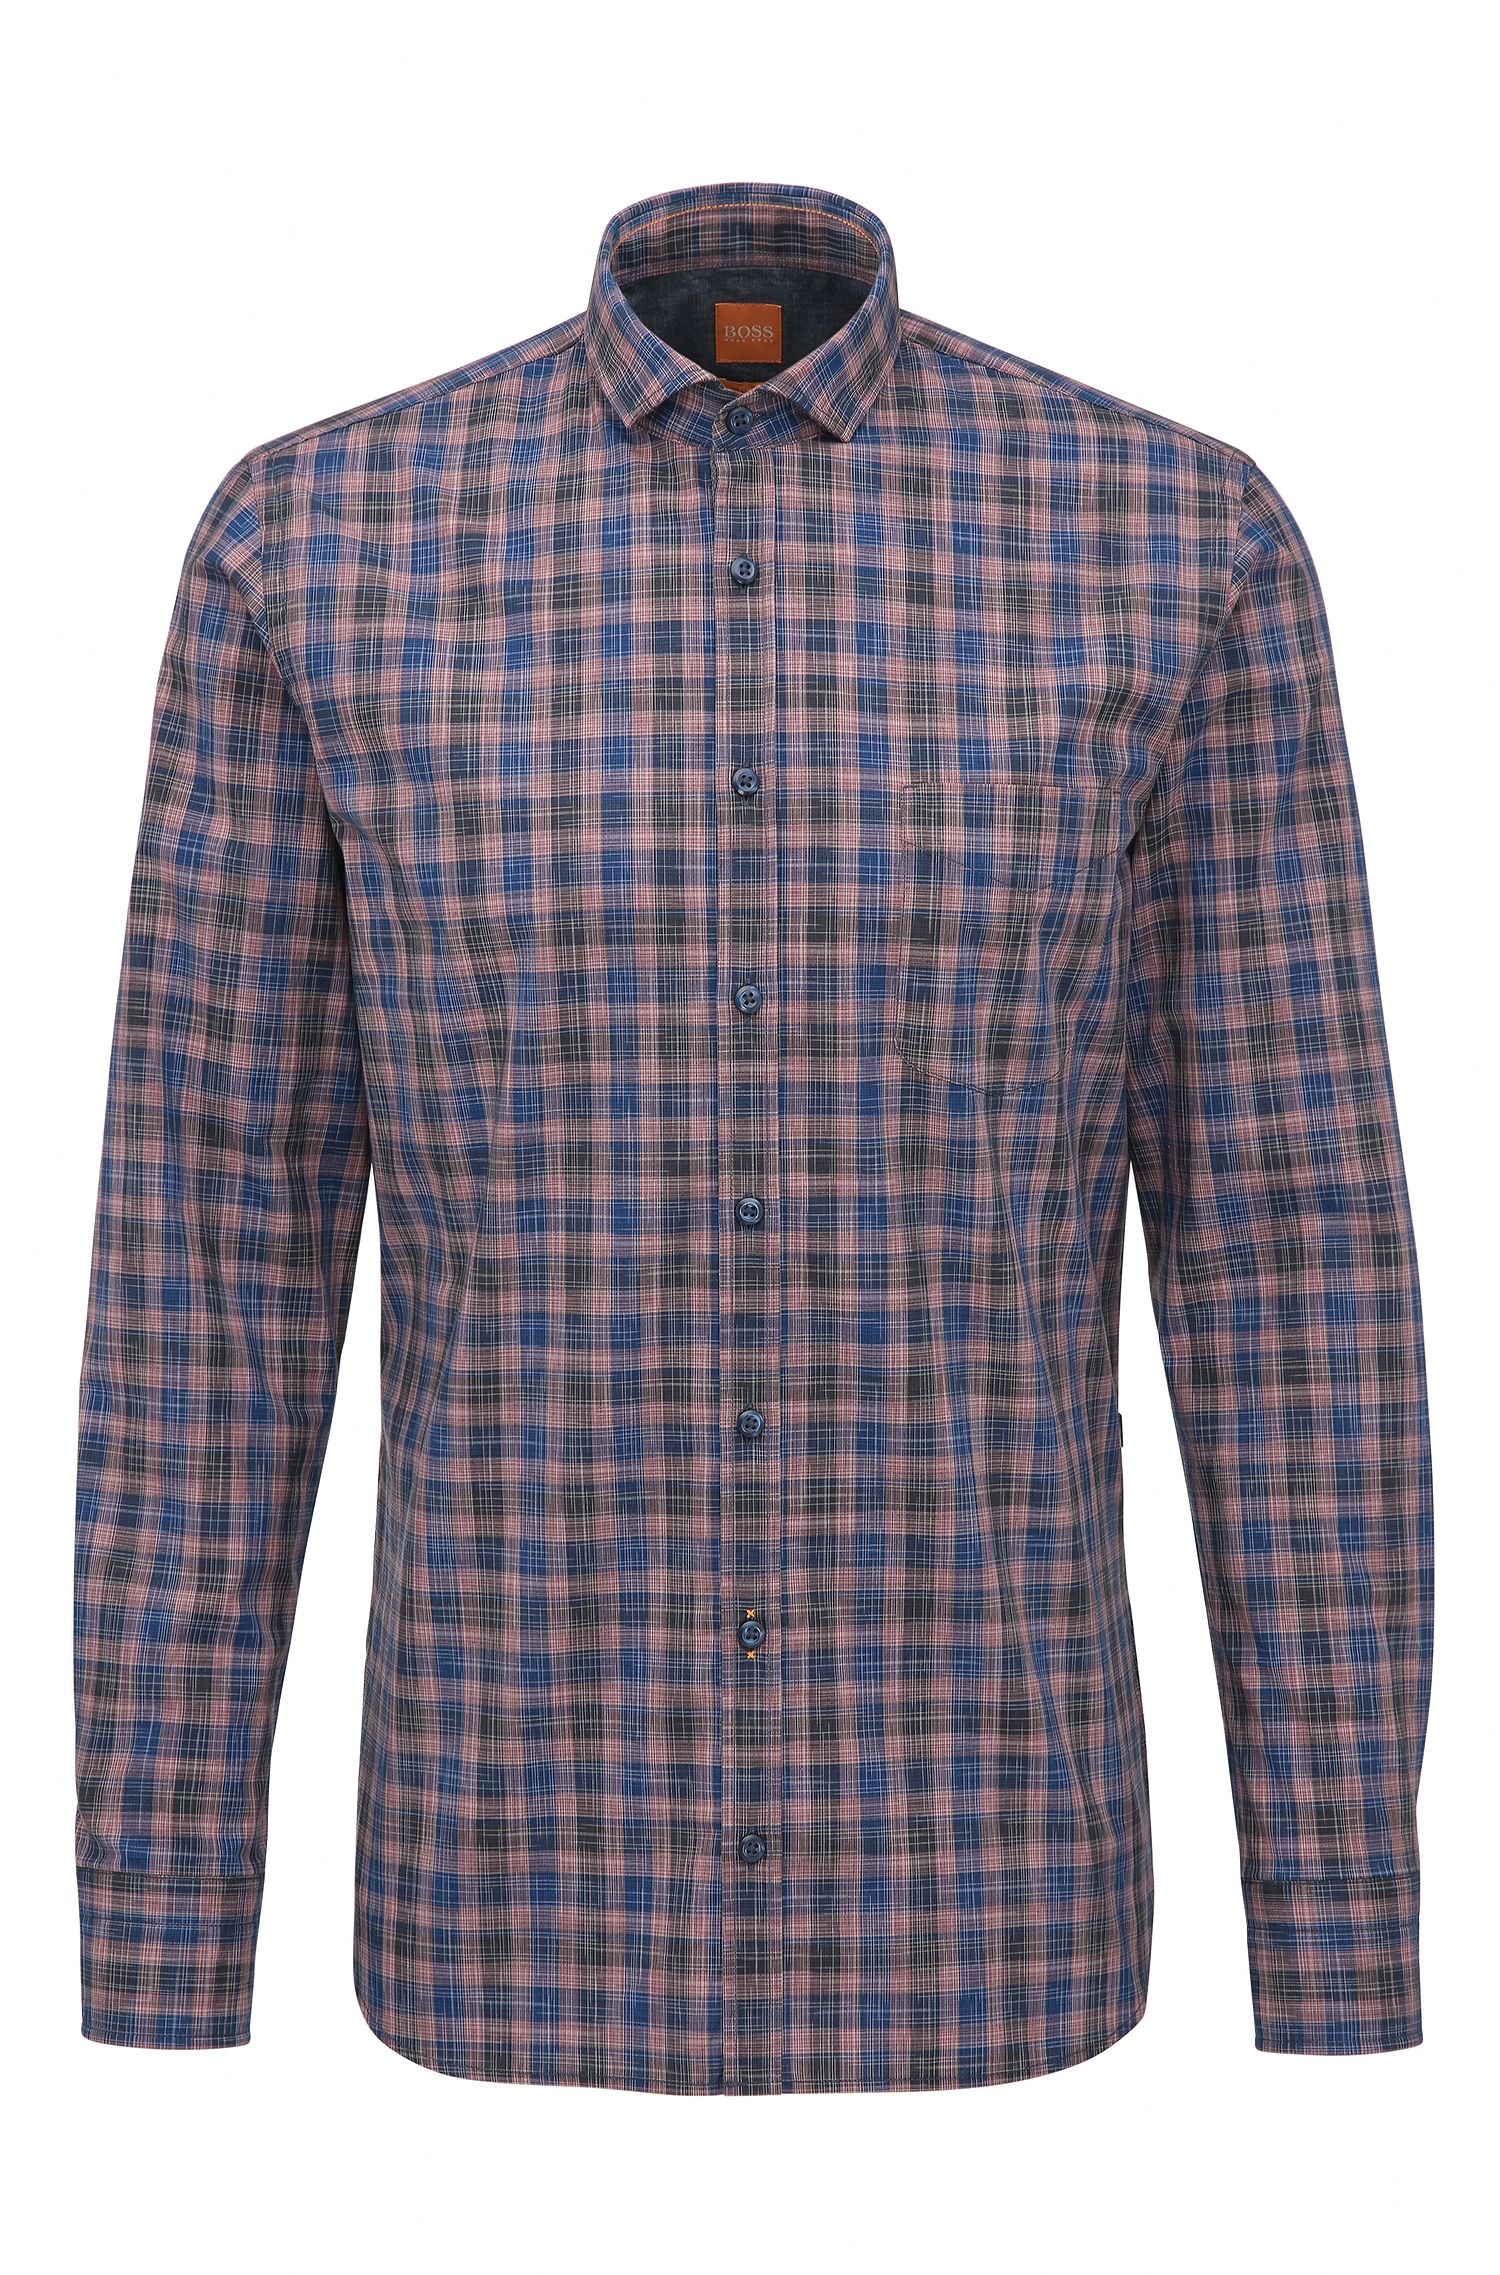 'Cattitude' | Slim Fit, Plaid Cotton Button Down Shirt